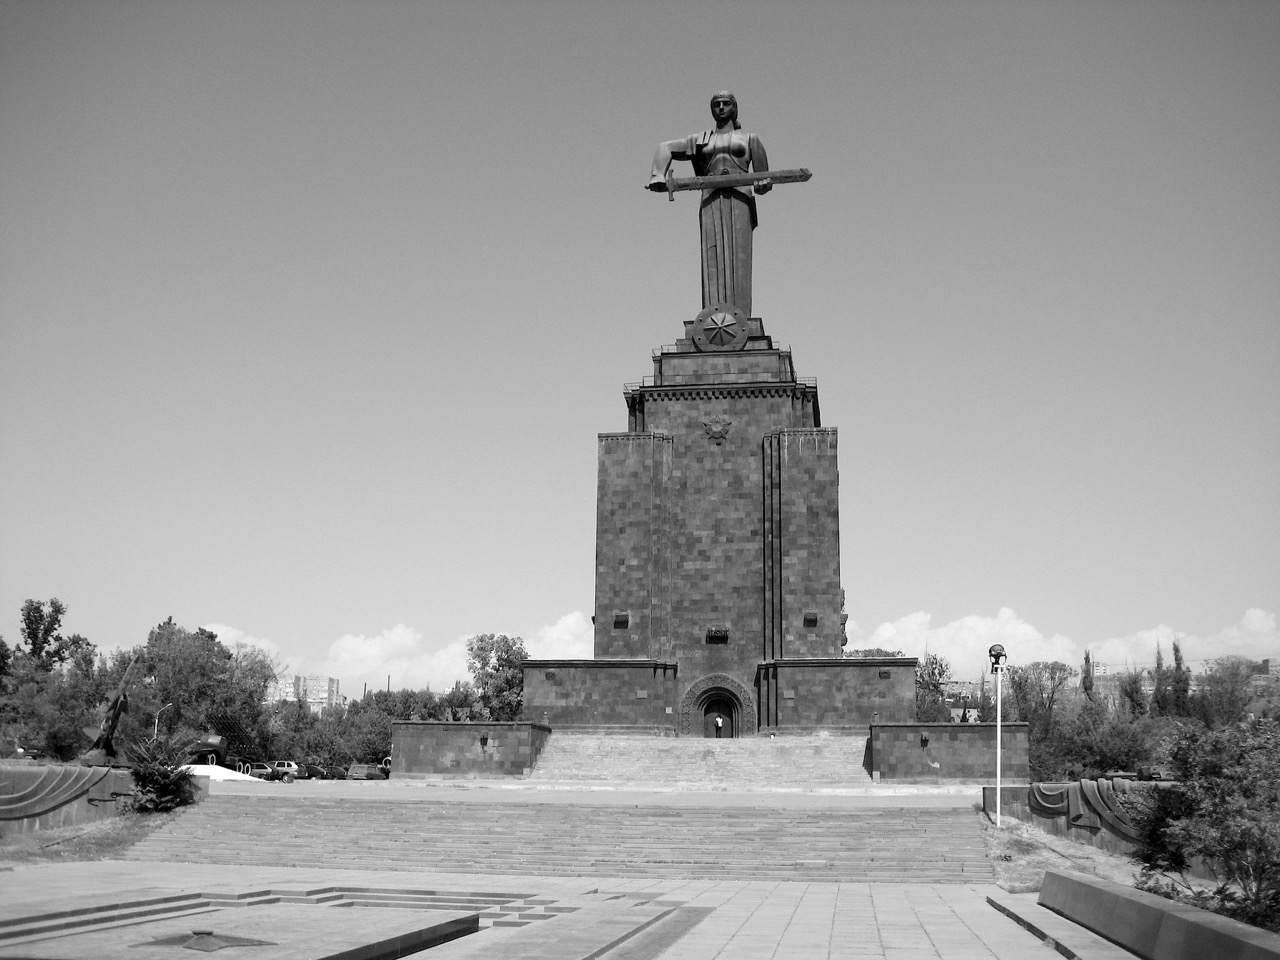 Foto: Mutter Armenien. Aus: Eriwan. Kapitel 5. Aufzeichnungen aus Armenien von Marc Degens.